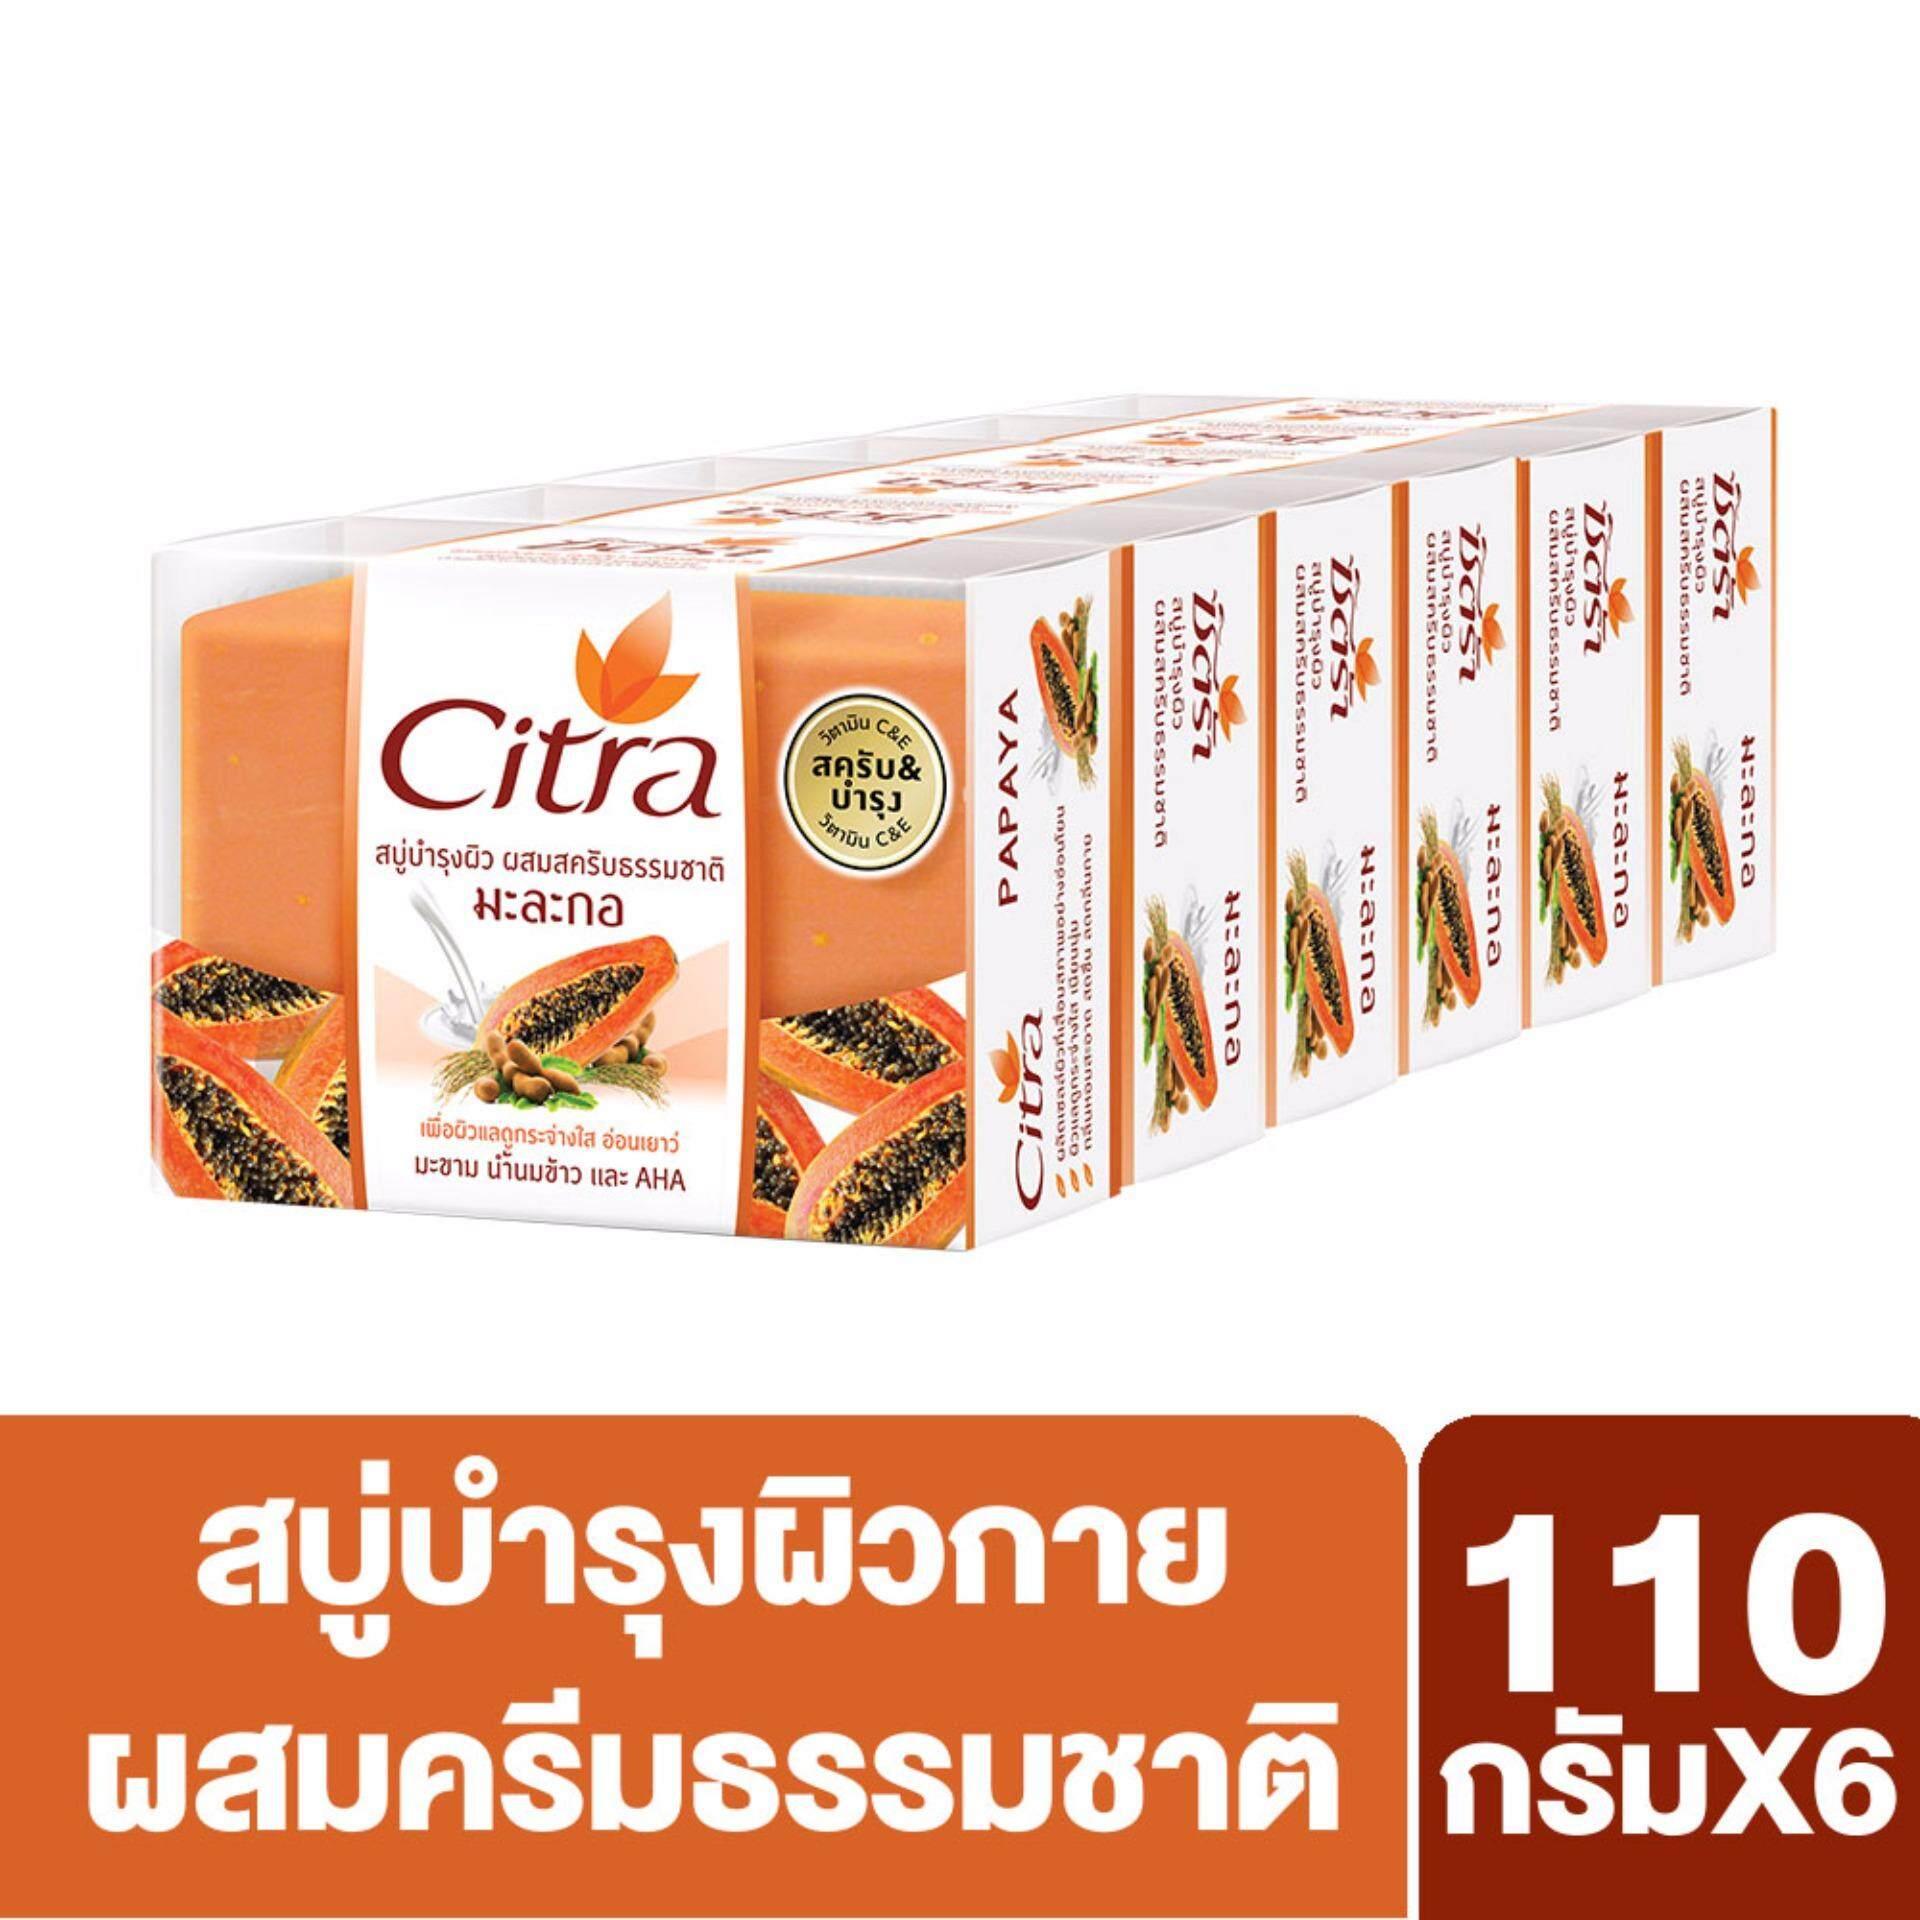 ซิตร้า สบู่ก้อน พาพาย่า ผิวดูกระจ่างใส อ่อนเยาว์ 110 กรัม [x6] Citra Bar Soap Papaya 110 g [x6] ( สบู่ สบู่เหลว ครีมอาบน้ำ เจลอาบน้ำ Shower Soap Shower Cream Liquid Soap Shower Gel ) ของแท้